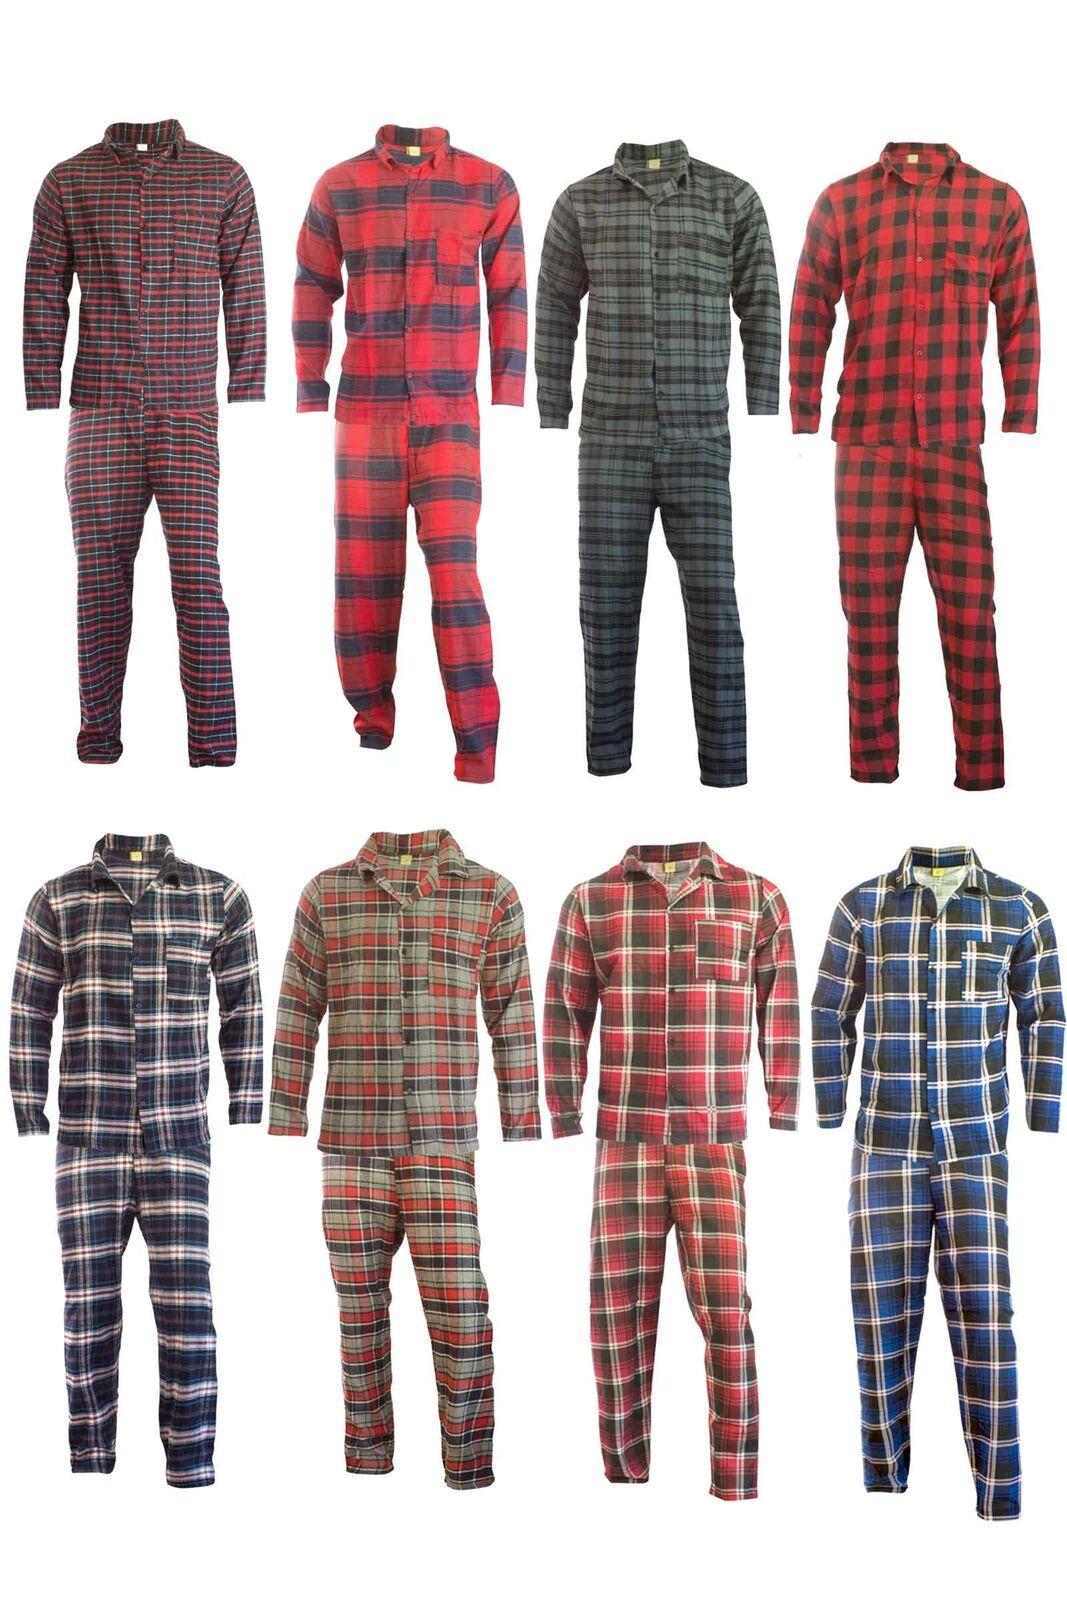 Herren Flanell Pyjama 2-teilig Schlafanzug Lang Oberteil + Hose Warm & Weich